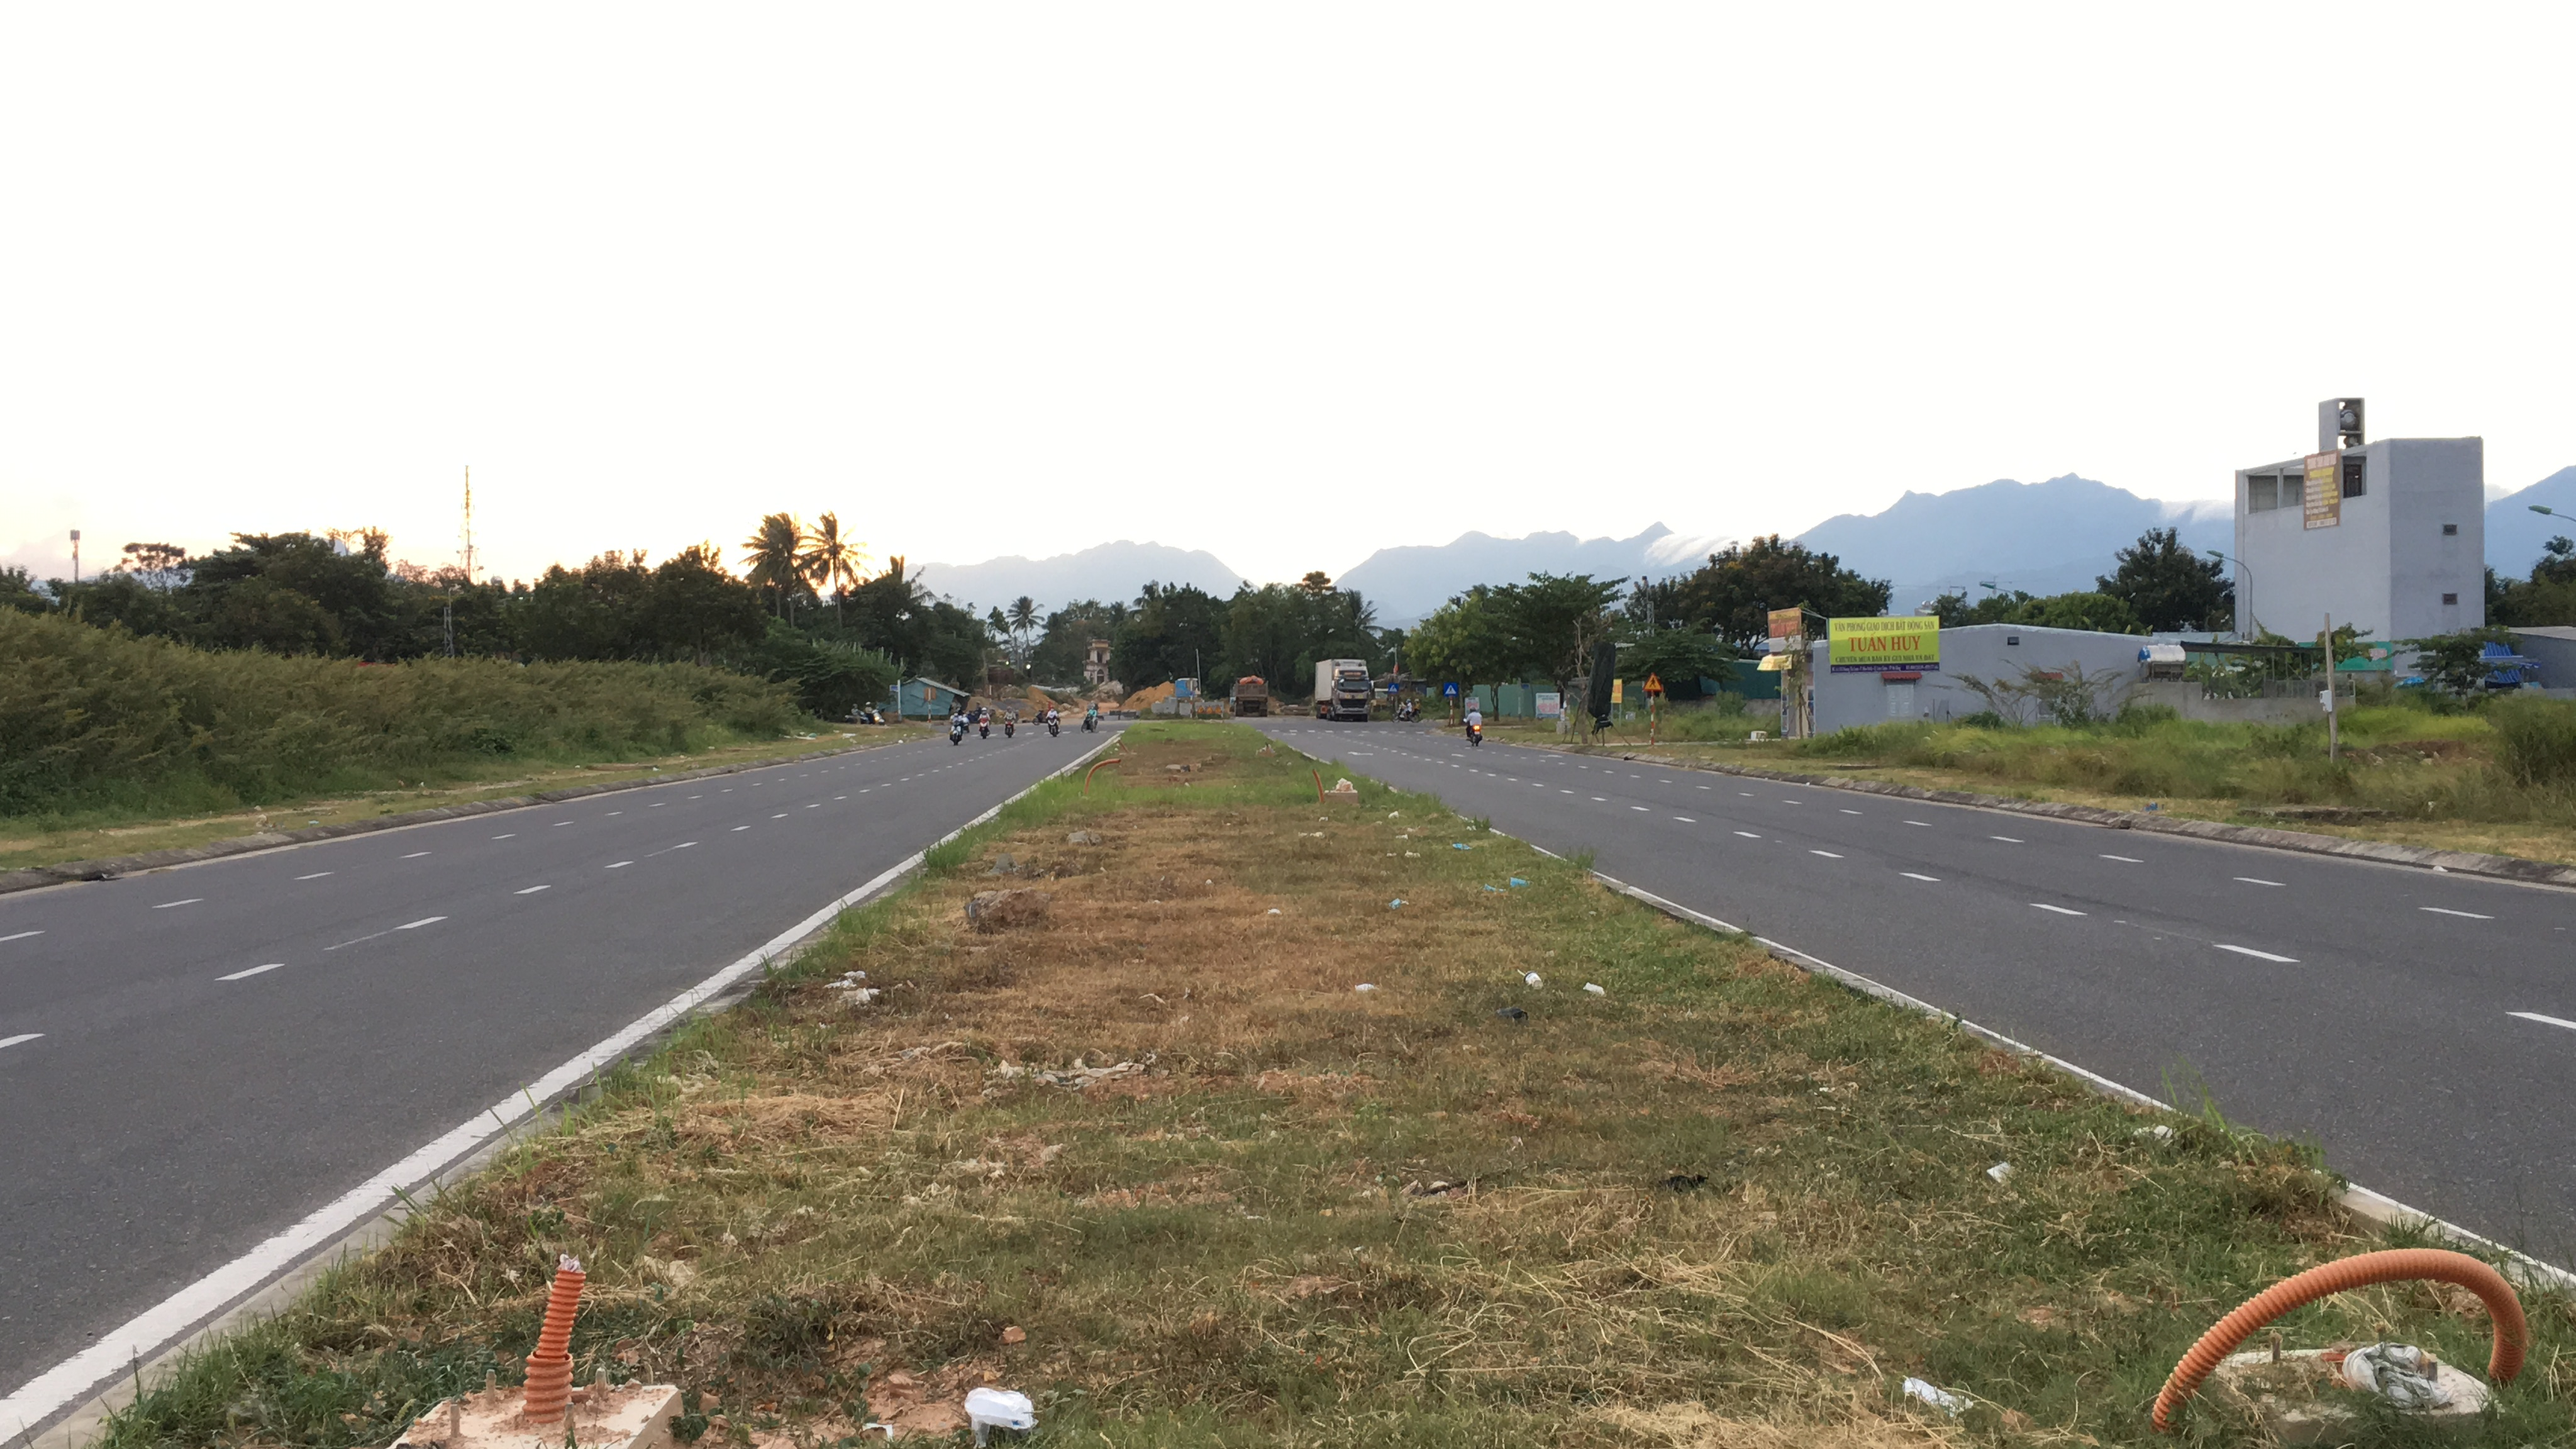 Tuyến đường trục 1 Tây Bắc đang mở theo qui hoạch ở quận Liên Chiểu, Đà Nẵng - Ảnh 6.